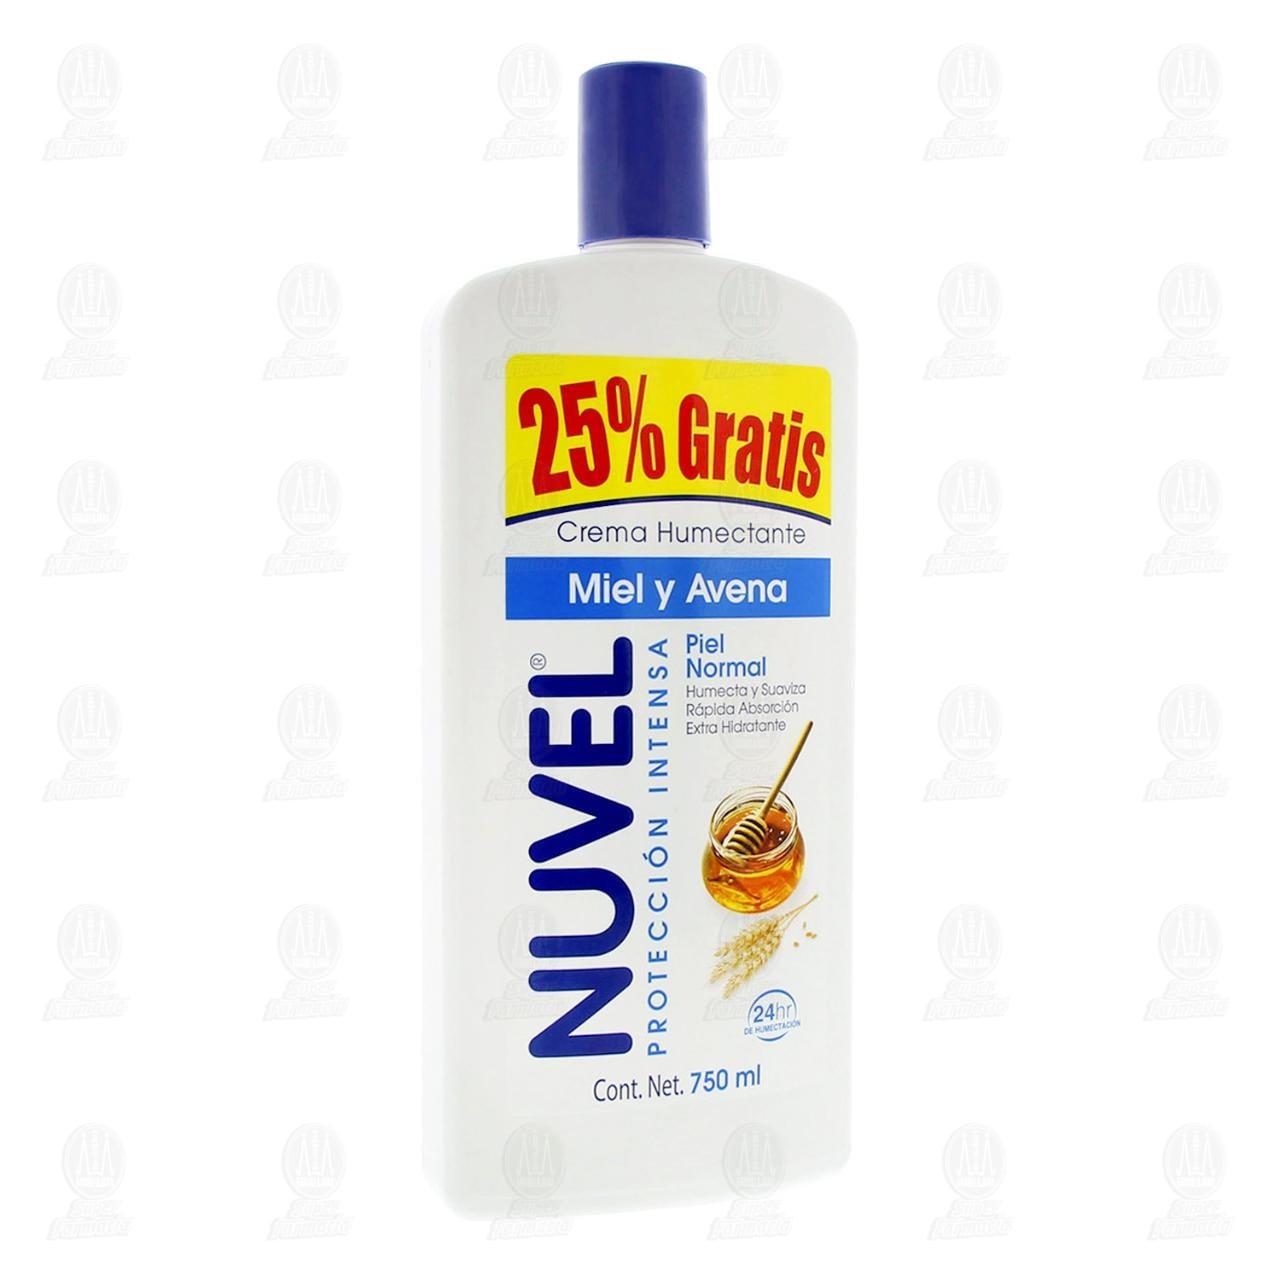 Comprar Crema Humectante Nuvel Protección Intensa con Miel y Avena, 750 ml. en Farmacias Guadalajara